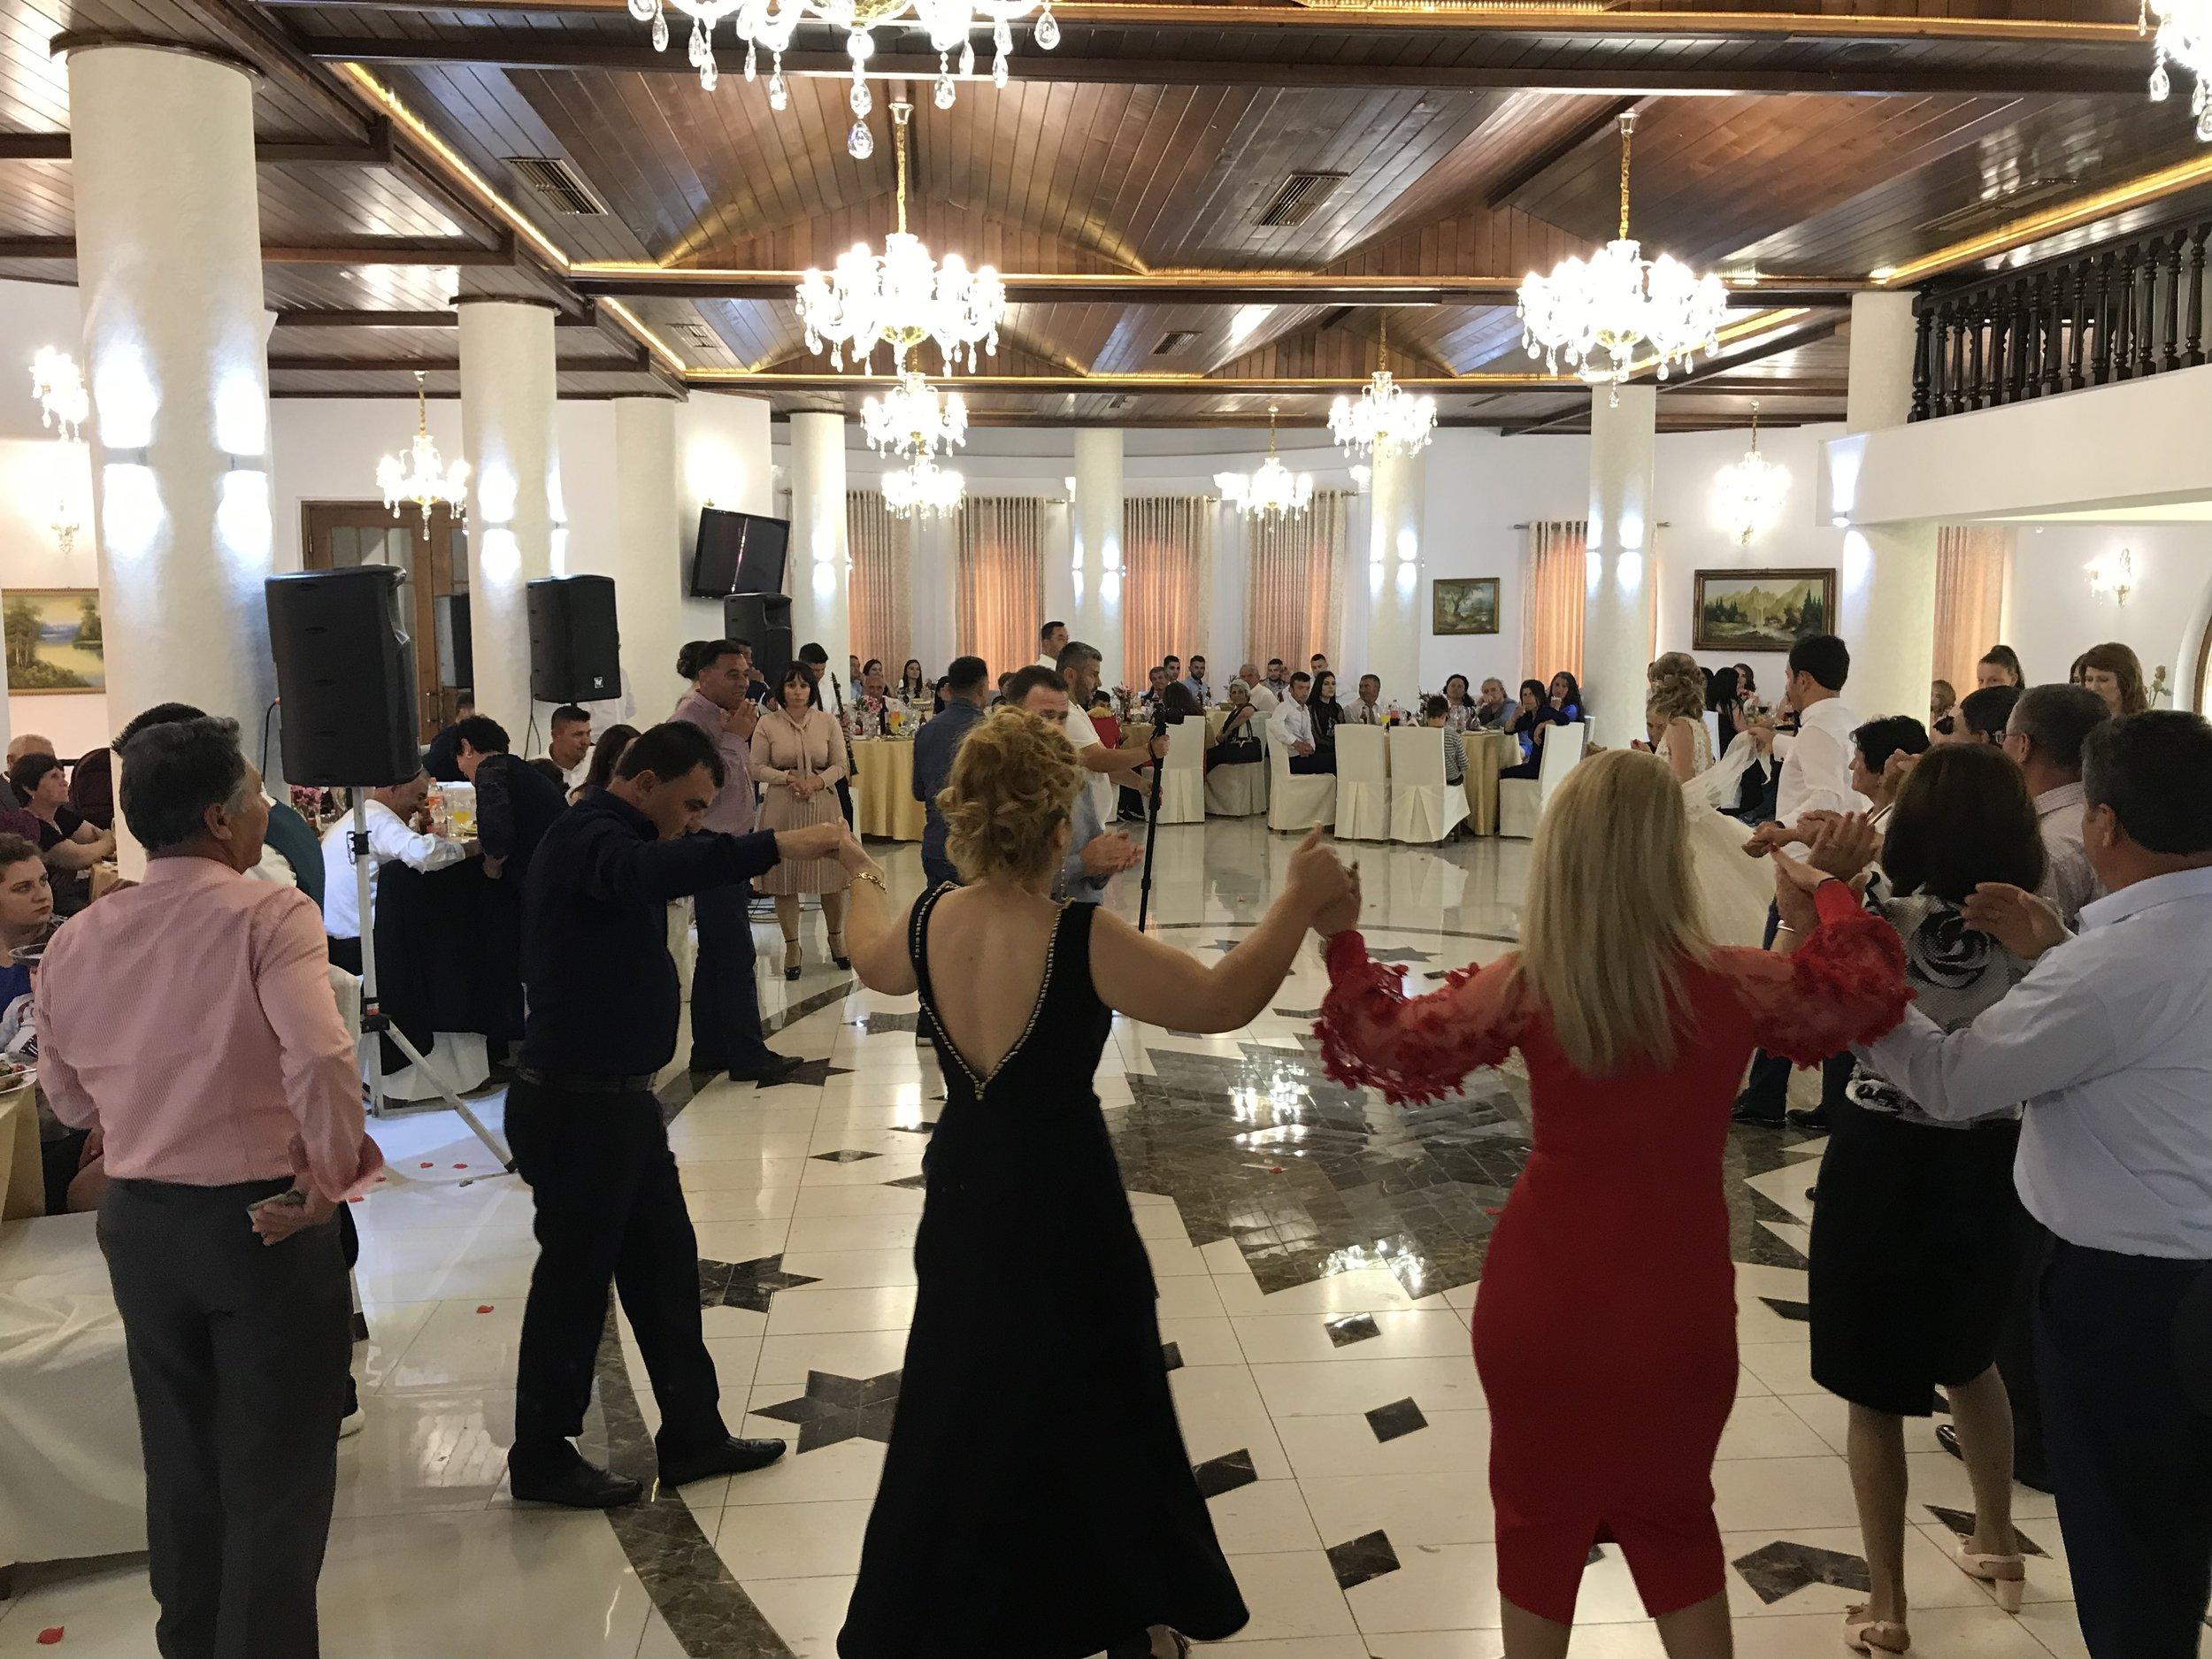 Tanssimista lauantaina morsiamen häissä. Kuva: Mirva Rannisto